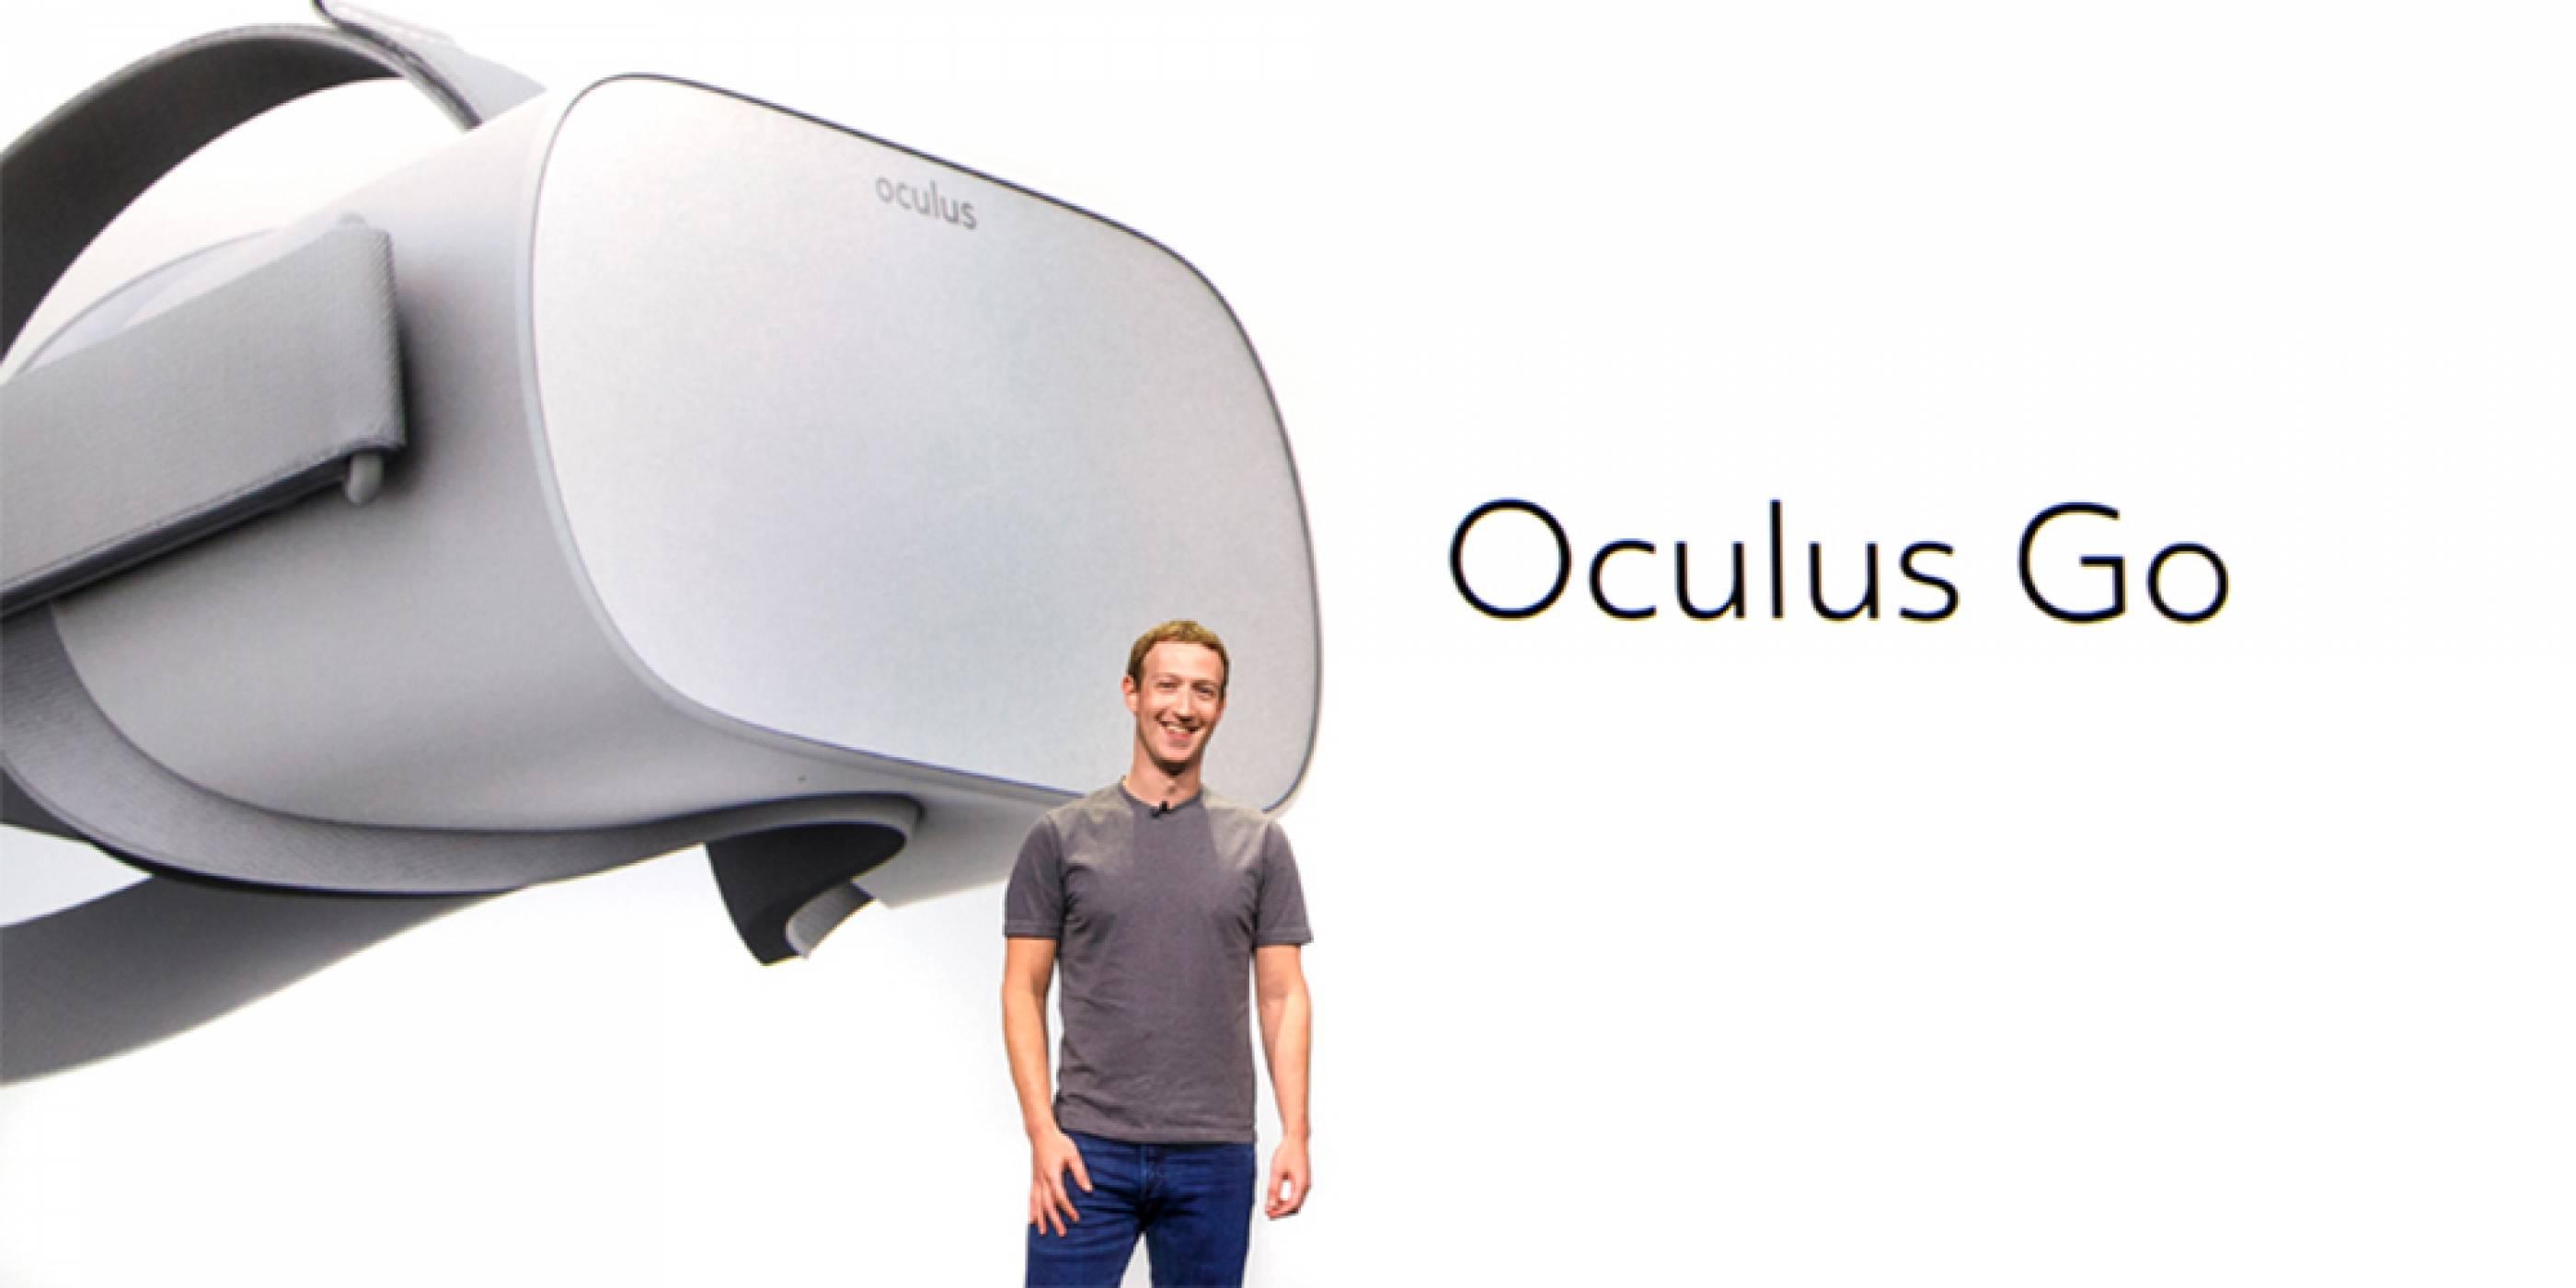 Марк Зукърбърг представи нови самостоятелни VR очила, наречени Oculus Go, на цена 199 долара